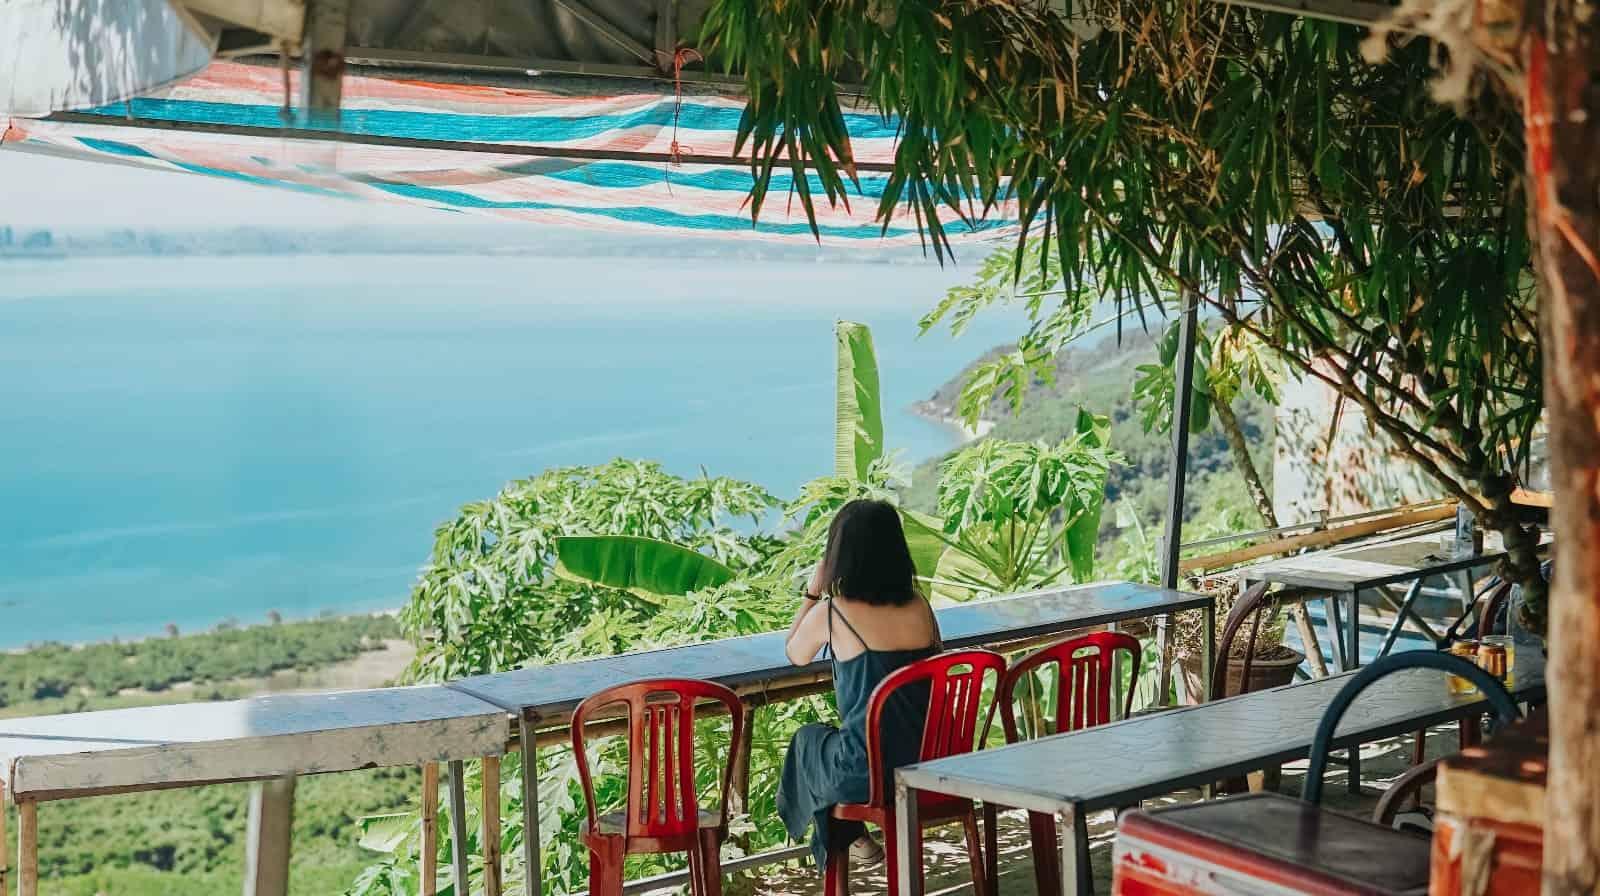 Quán cafe nhỏ ở Hòn đá Cụ Rùa. Hình: Hoàng Linh Hà